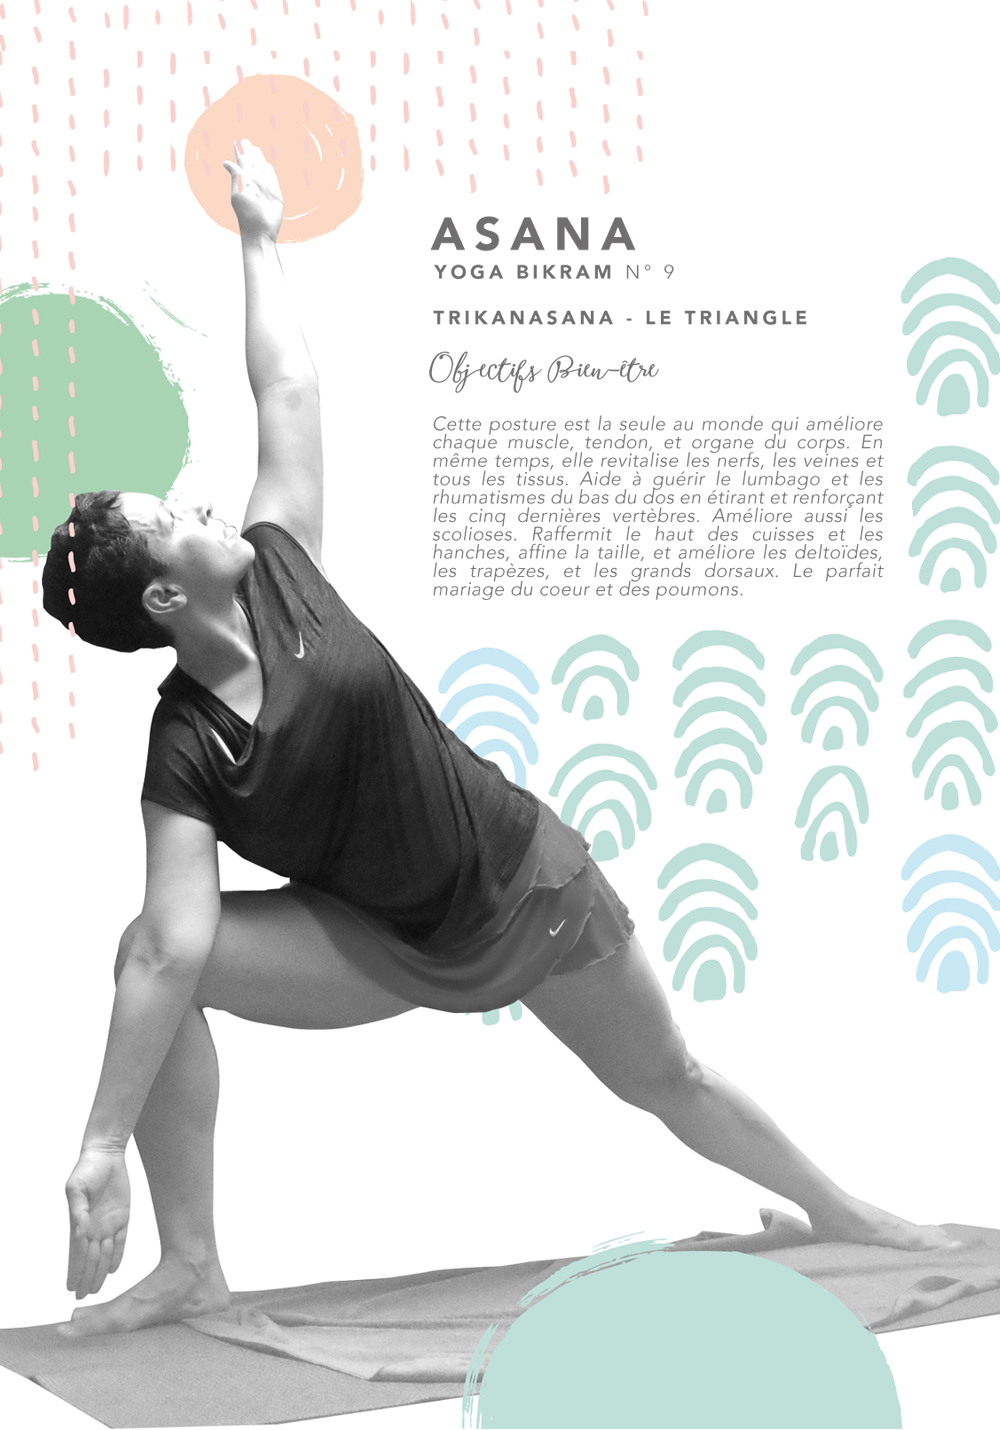 Air Chic Design:disque externe:EXOChic:1 -POSTS:1 - ARTICLES:2018:01- JANVIER:04 Yoga Bikram:visuel blog:yoga bikram exochic 3.jpg